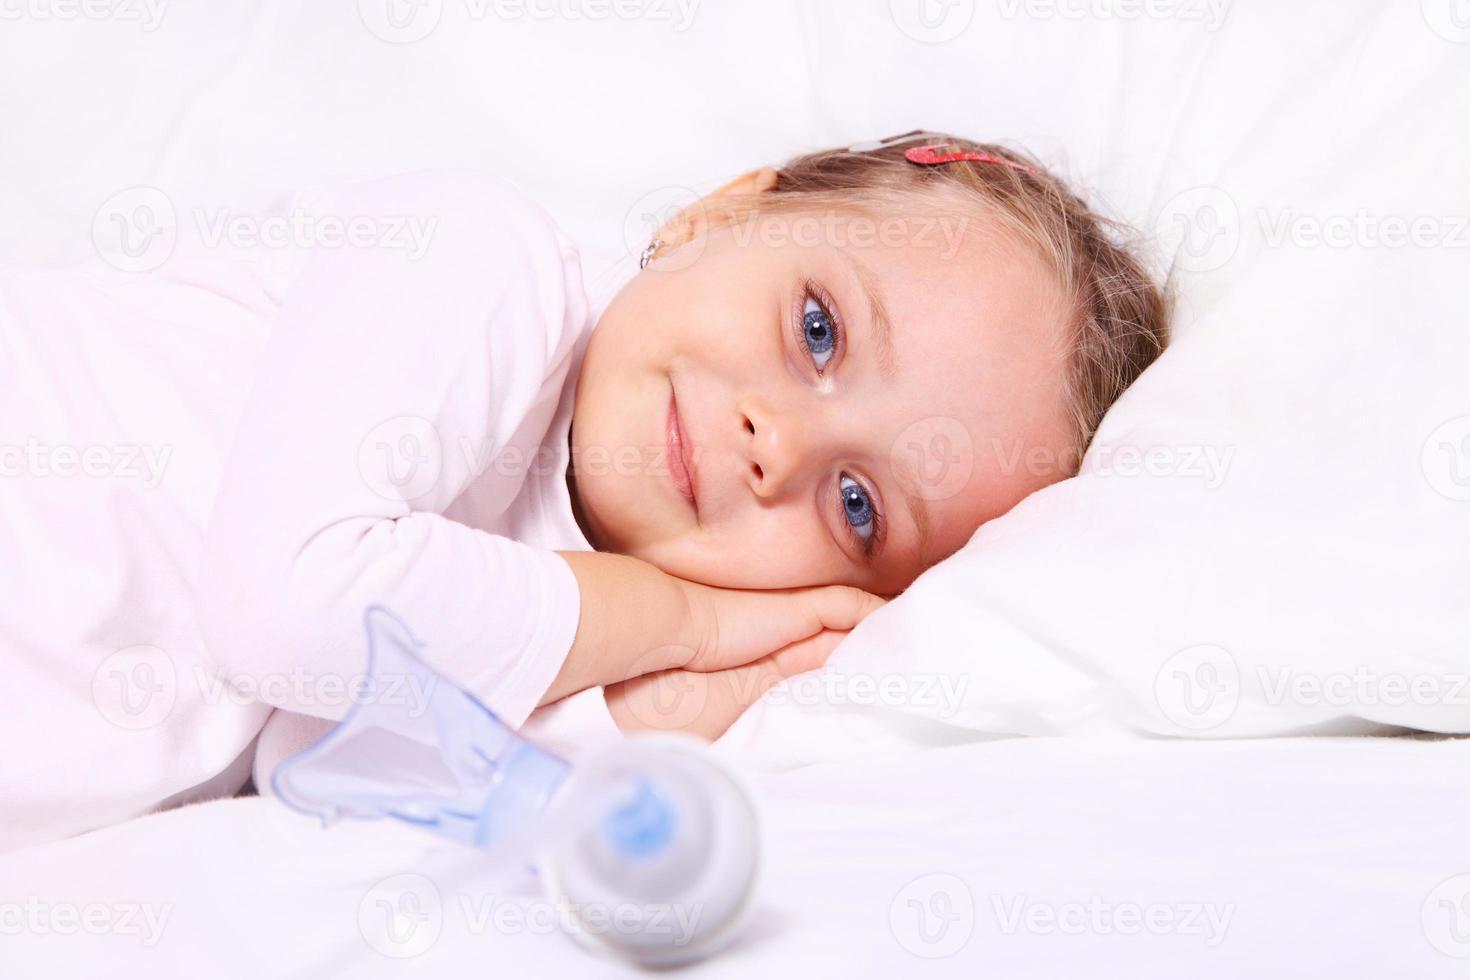 klein meisje na aërosolbehandeling foto